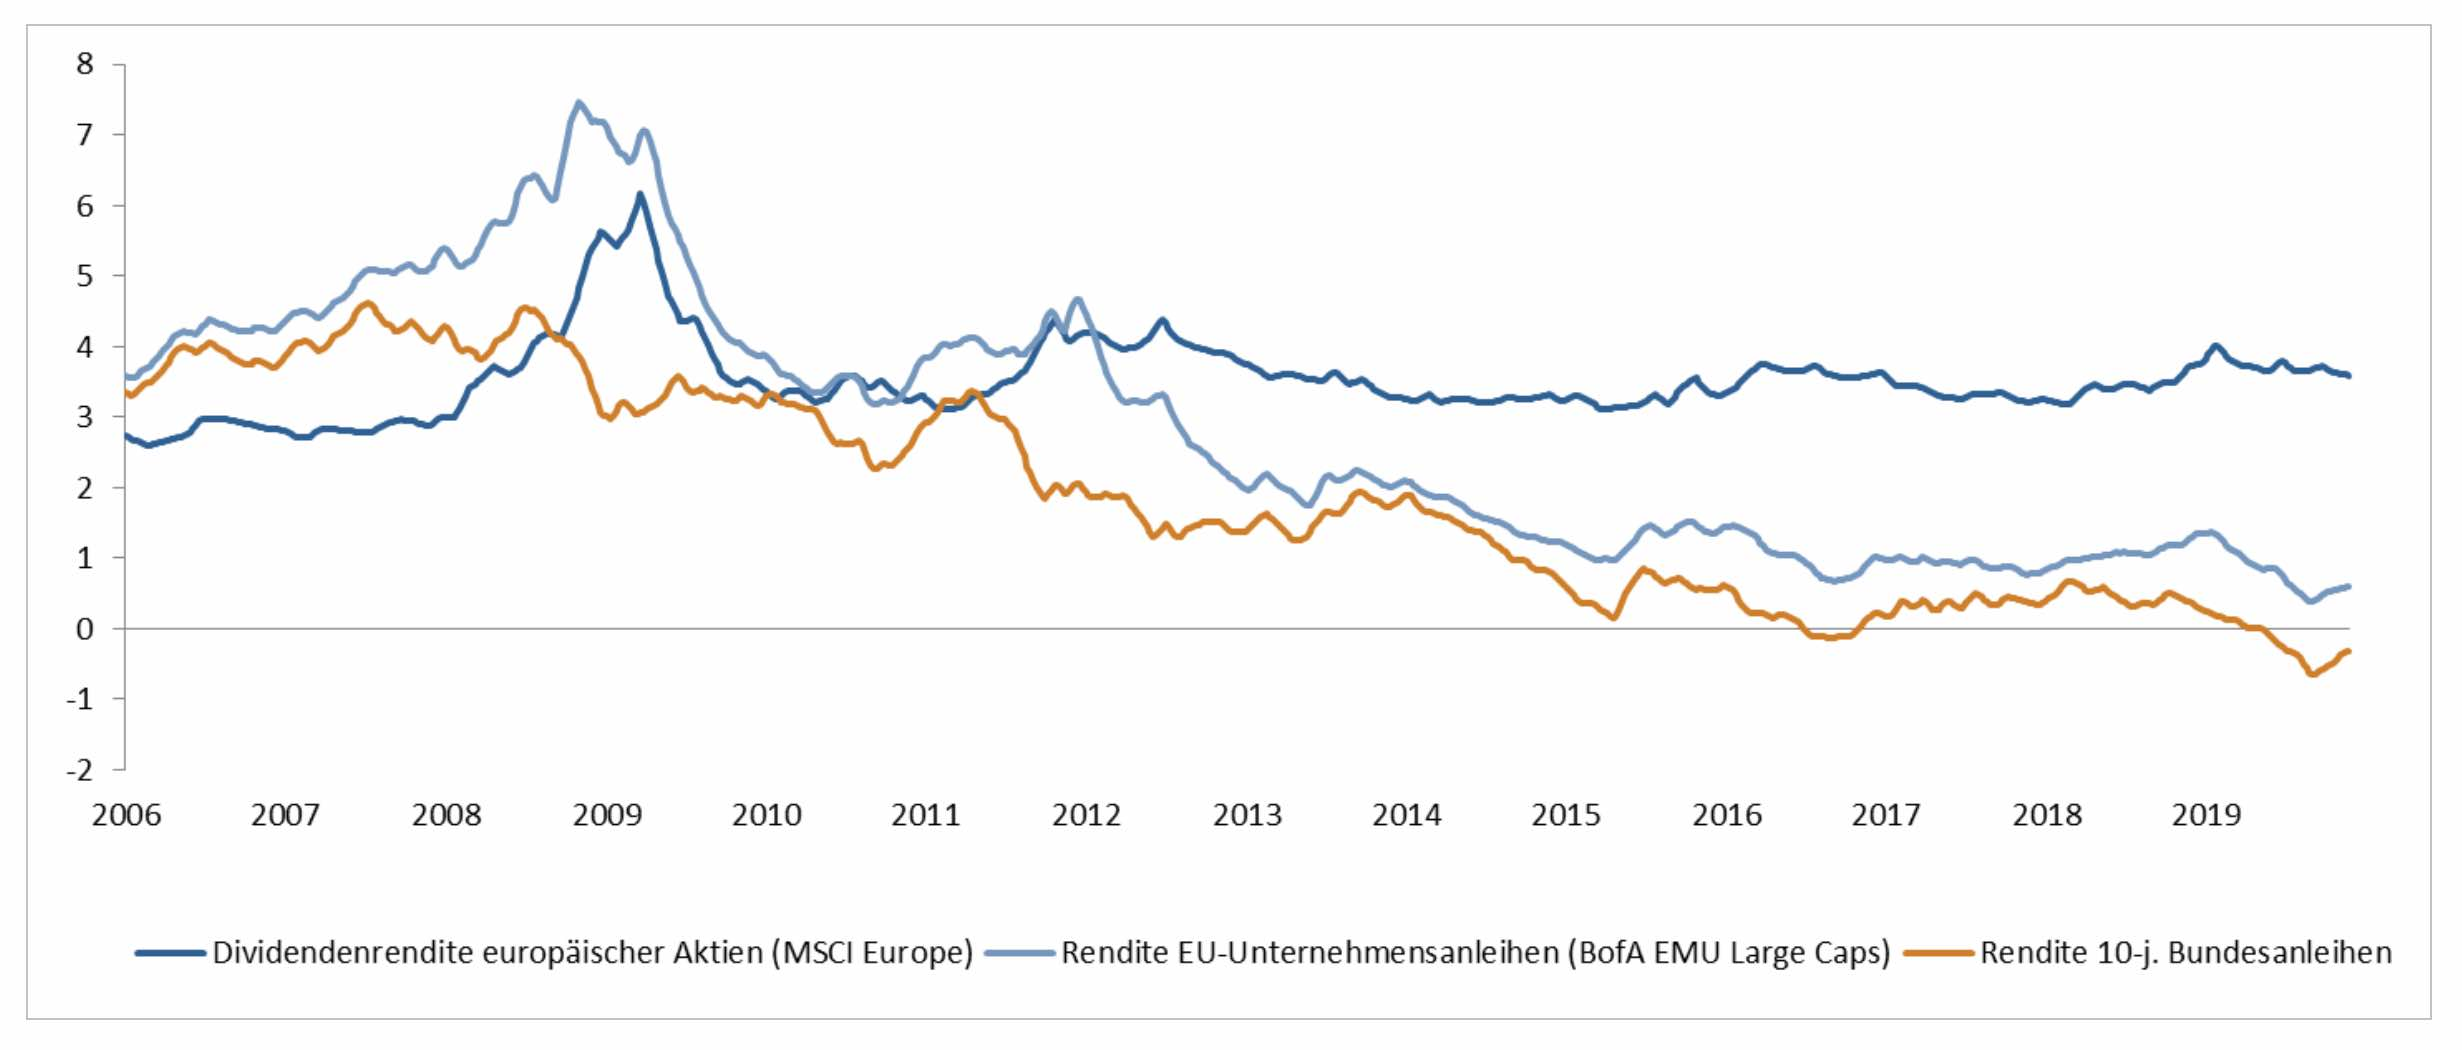 Vergleich der Renditen von Aktien mit Anleihen im Zeitverlauf